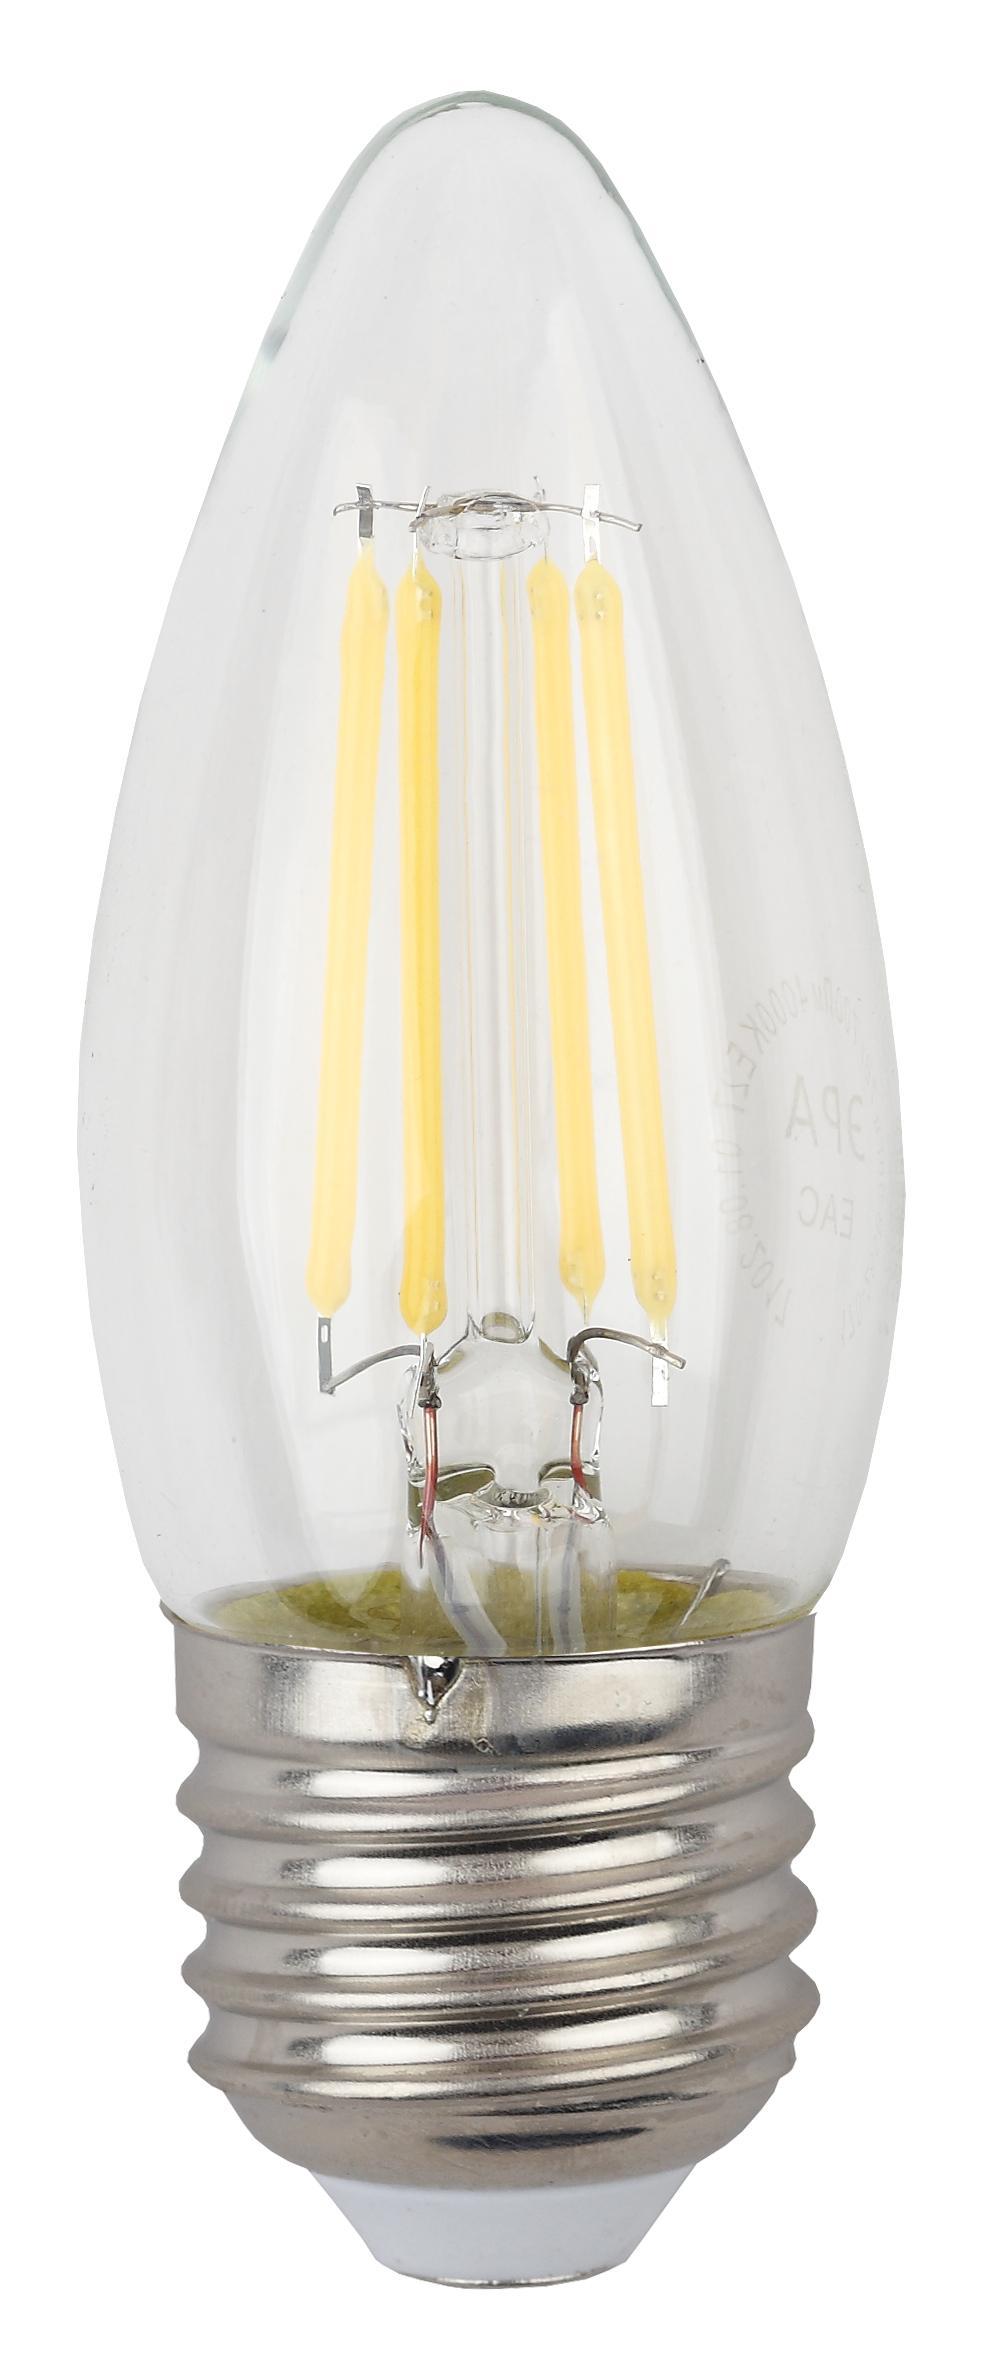 Лампа светодиодная ЭРА F-led b35-5w-840-e27